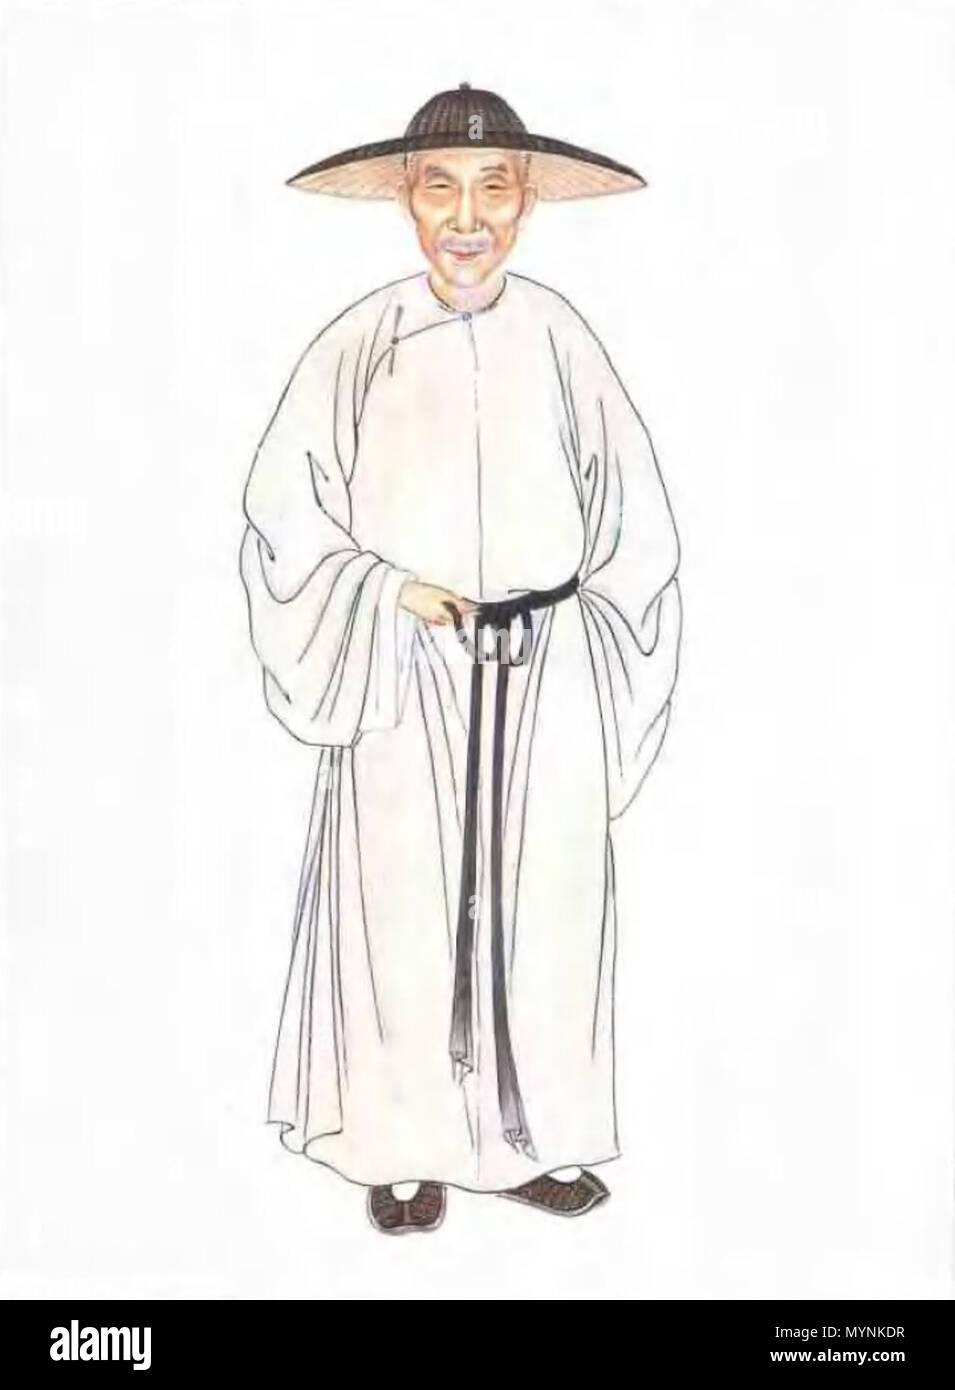 . 中文: 钱谦益(1582年-1664年),字受之,号牧斋,晚号蒙叟、东涧老人,江苏常熟人,明末文坛领袖。 English: Qian Qianyi (1582–1664) was a noted late Ming official, scholar and social historian. 19th century. 楊鵬秋 442 Qian Qianyi - Stock Image